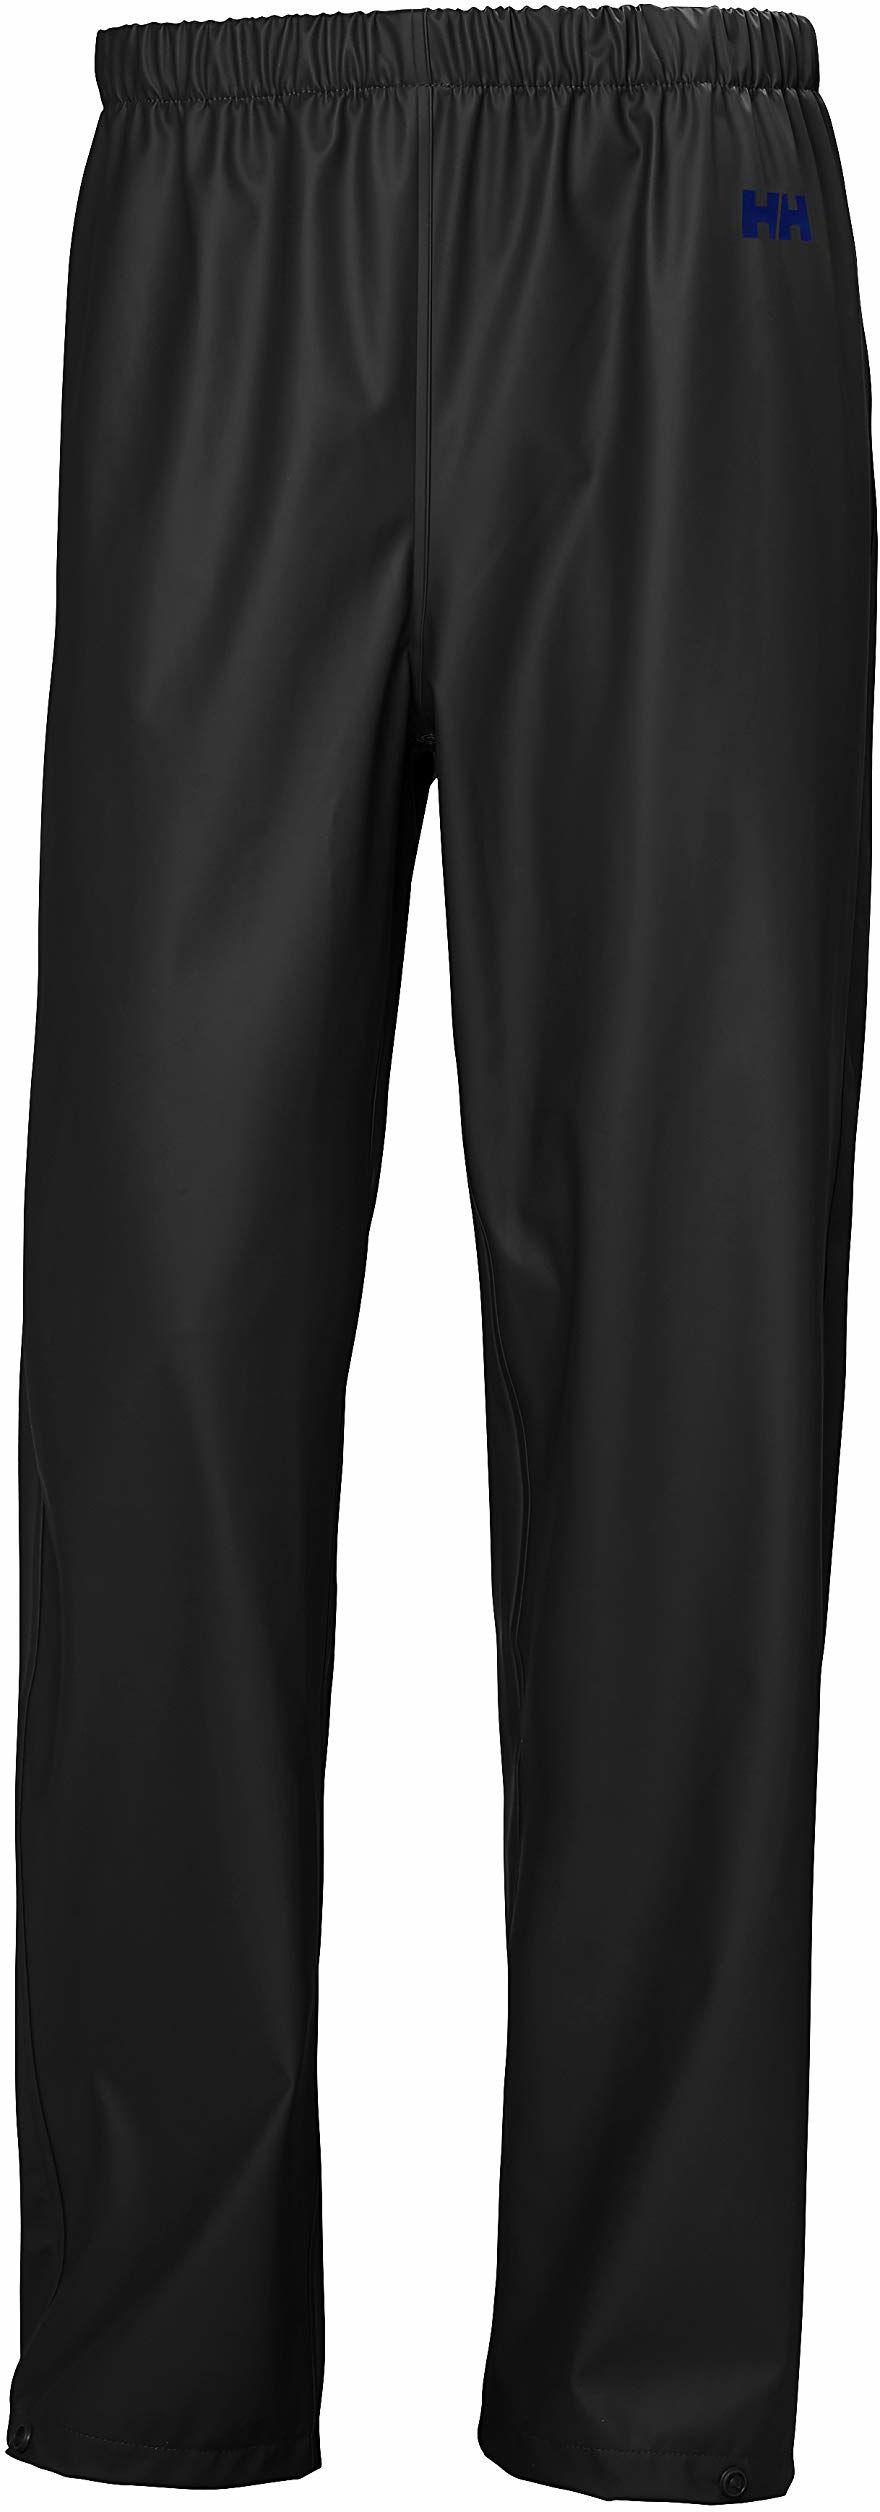 Helly Hansen męskie mech na zewnątrz wodoodporne spodnie przeciwdeszczowe, czarne, duże